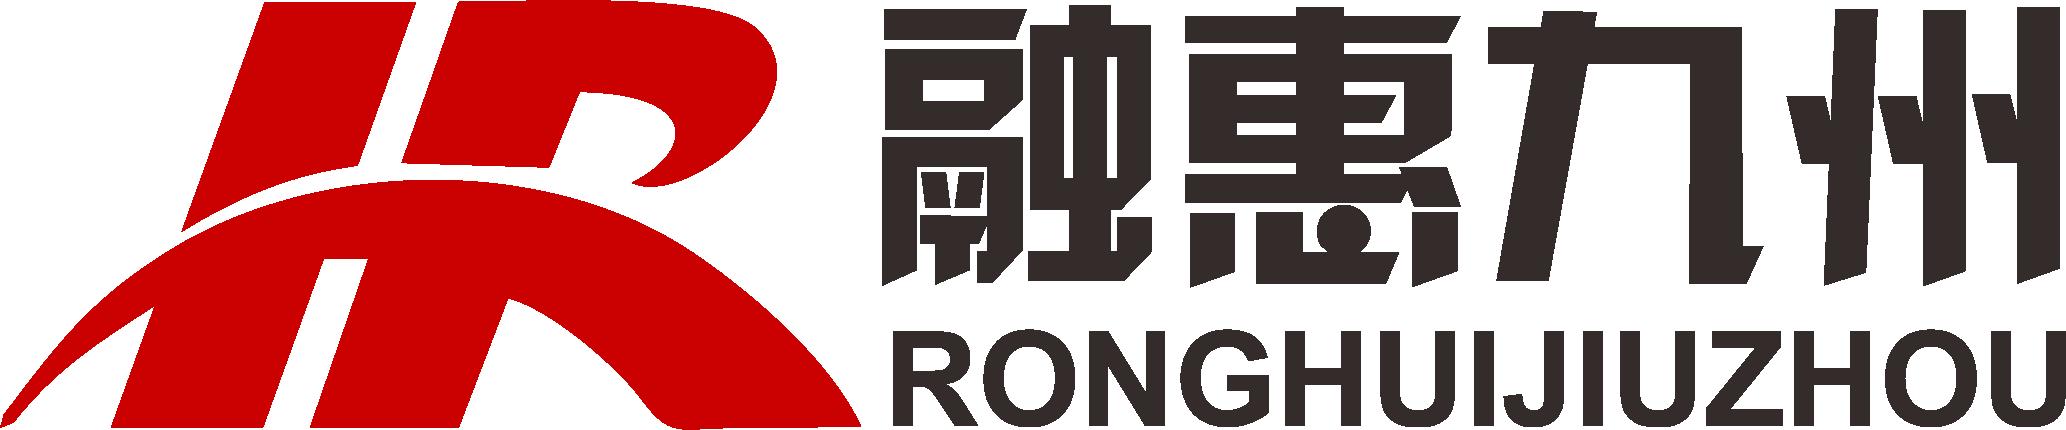 logo 标识 标志 设计 矢量 矢量图 素材 图标 2066_430